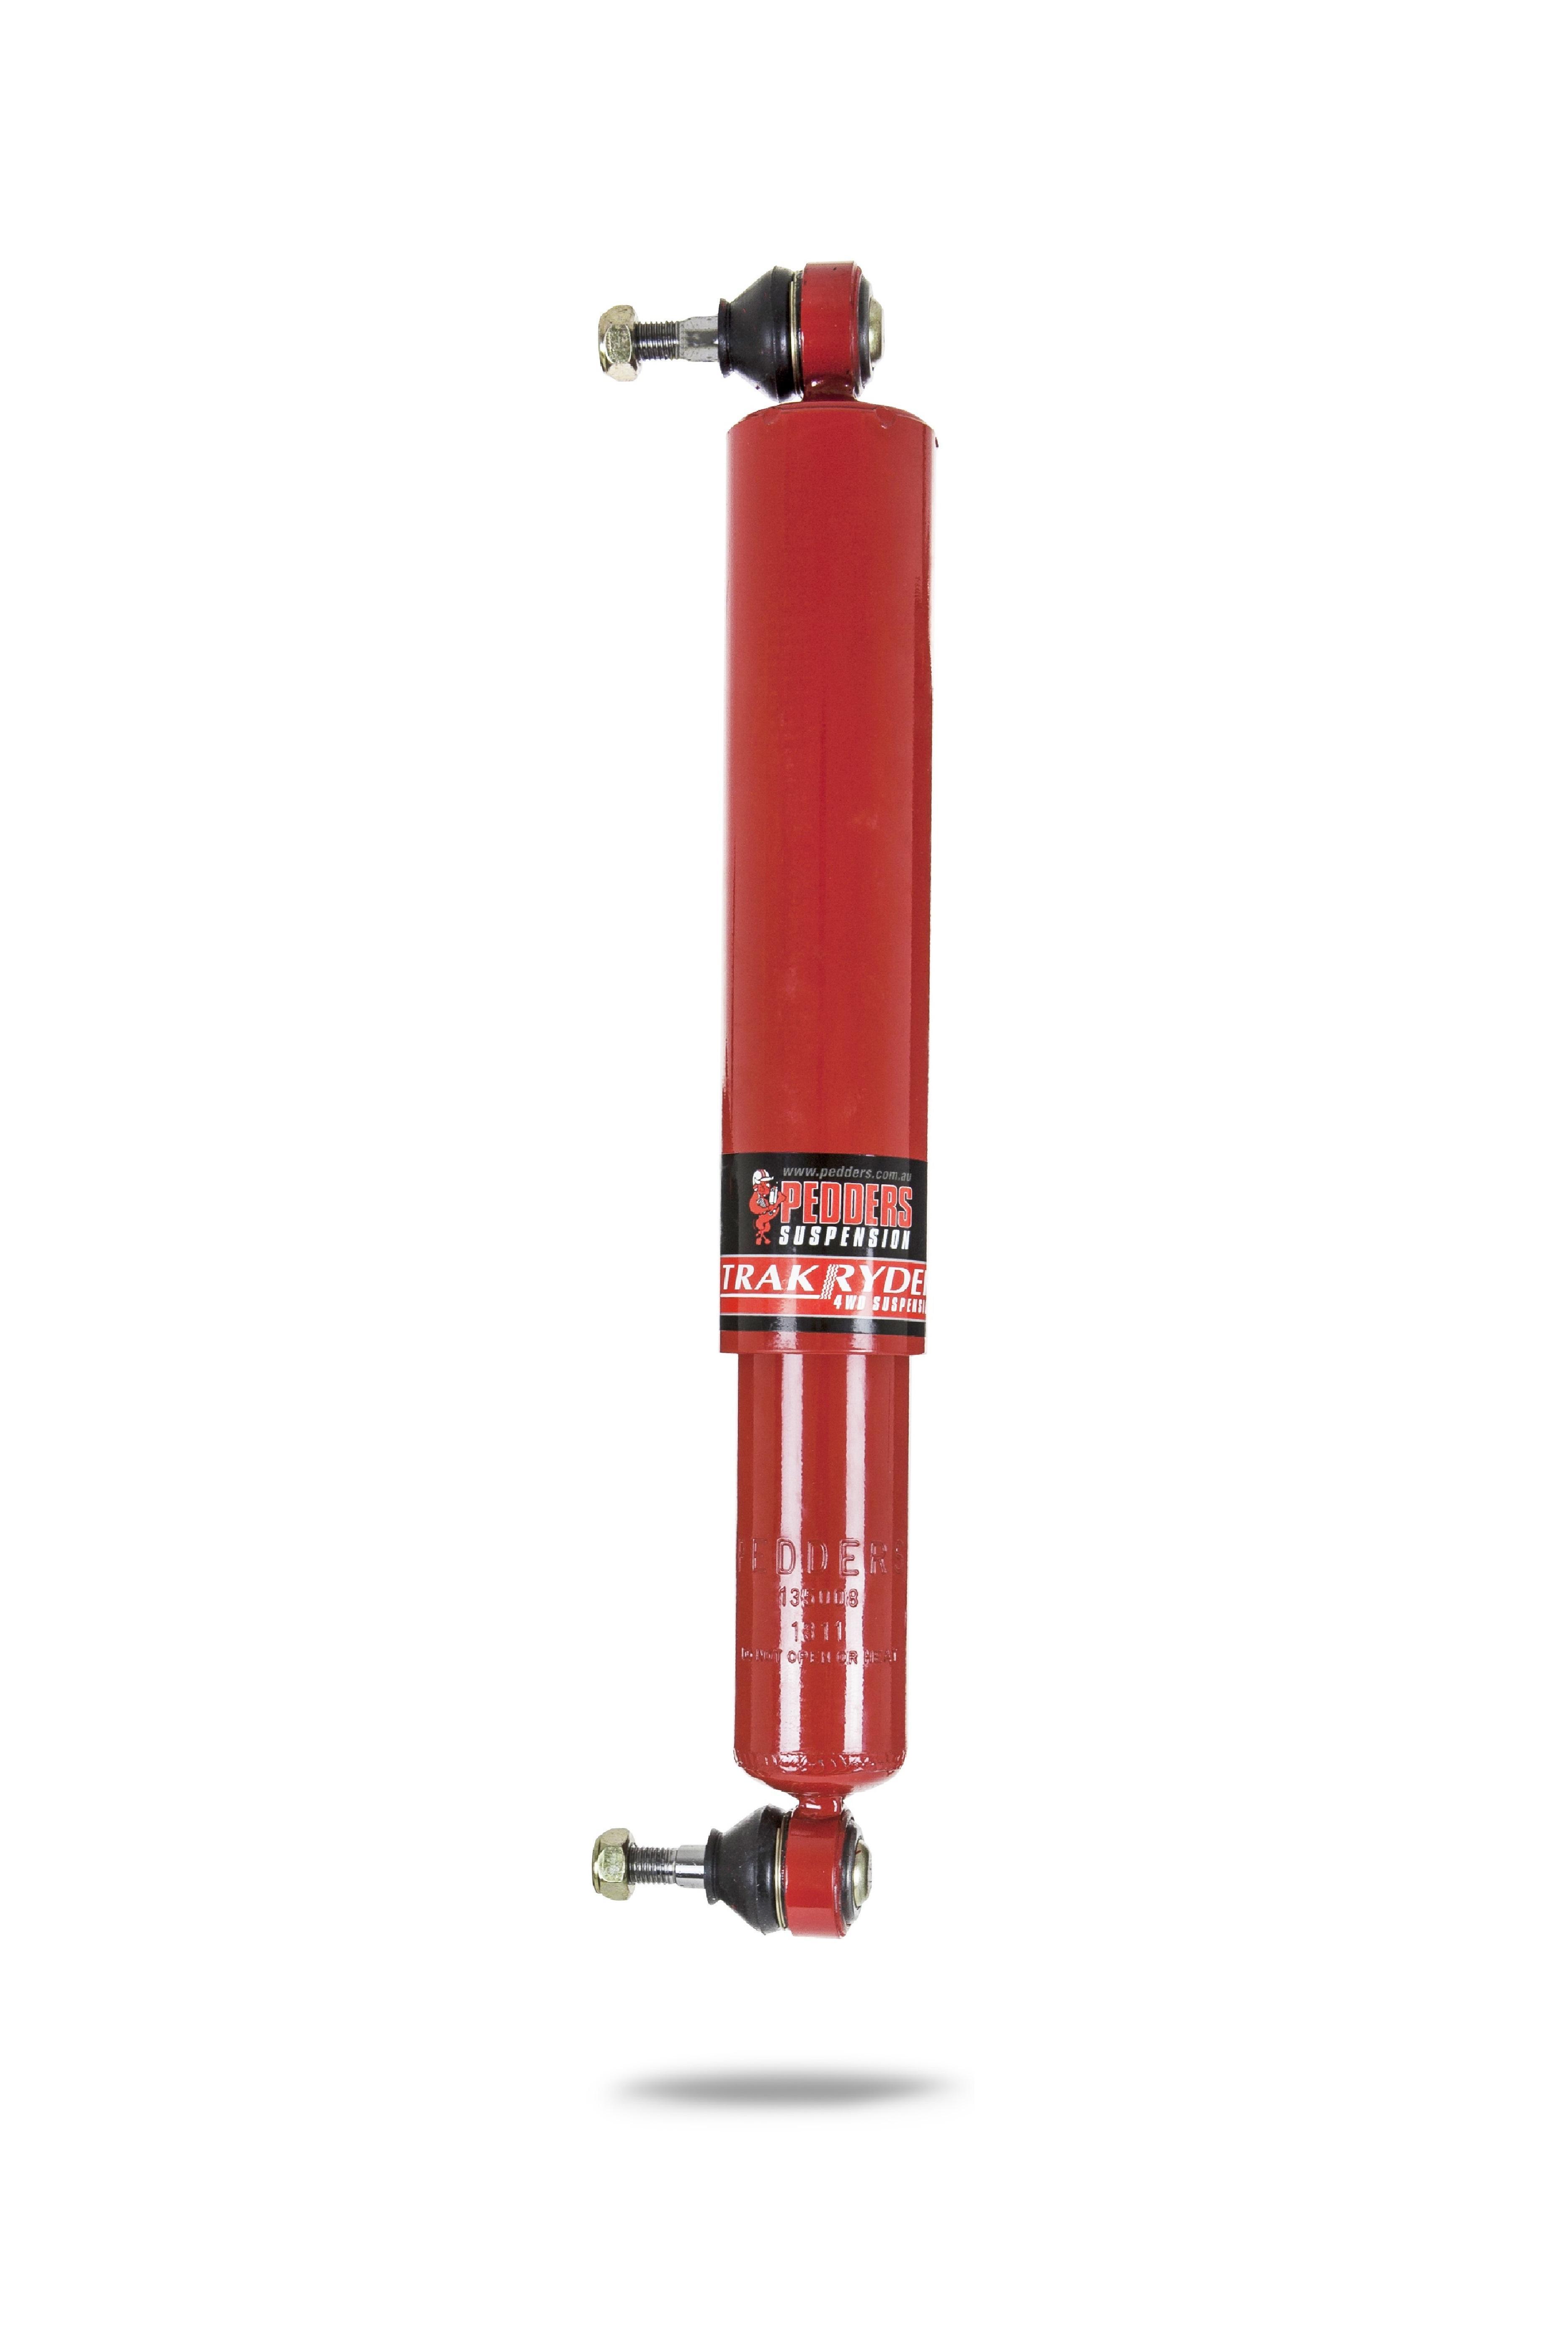 Pedders Trakryder 35mm Steering Damper 135008